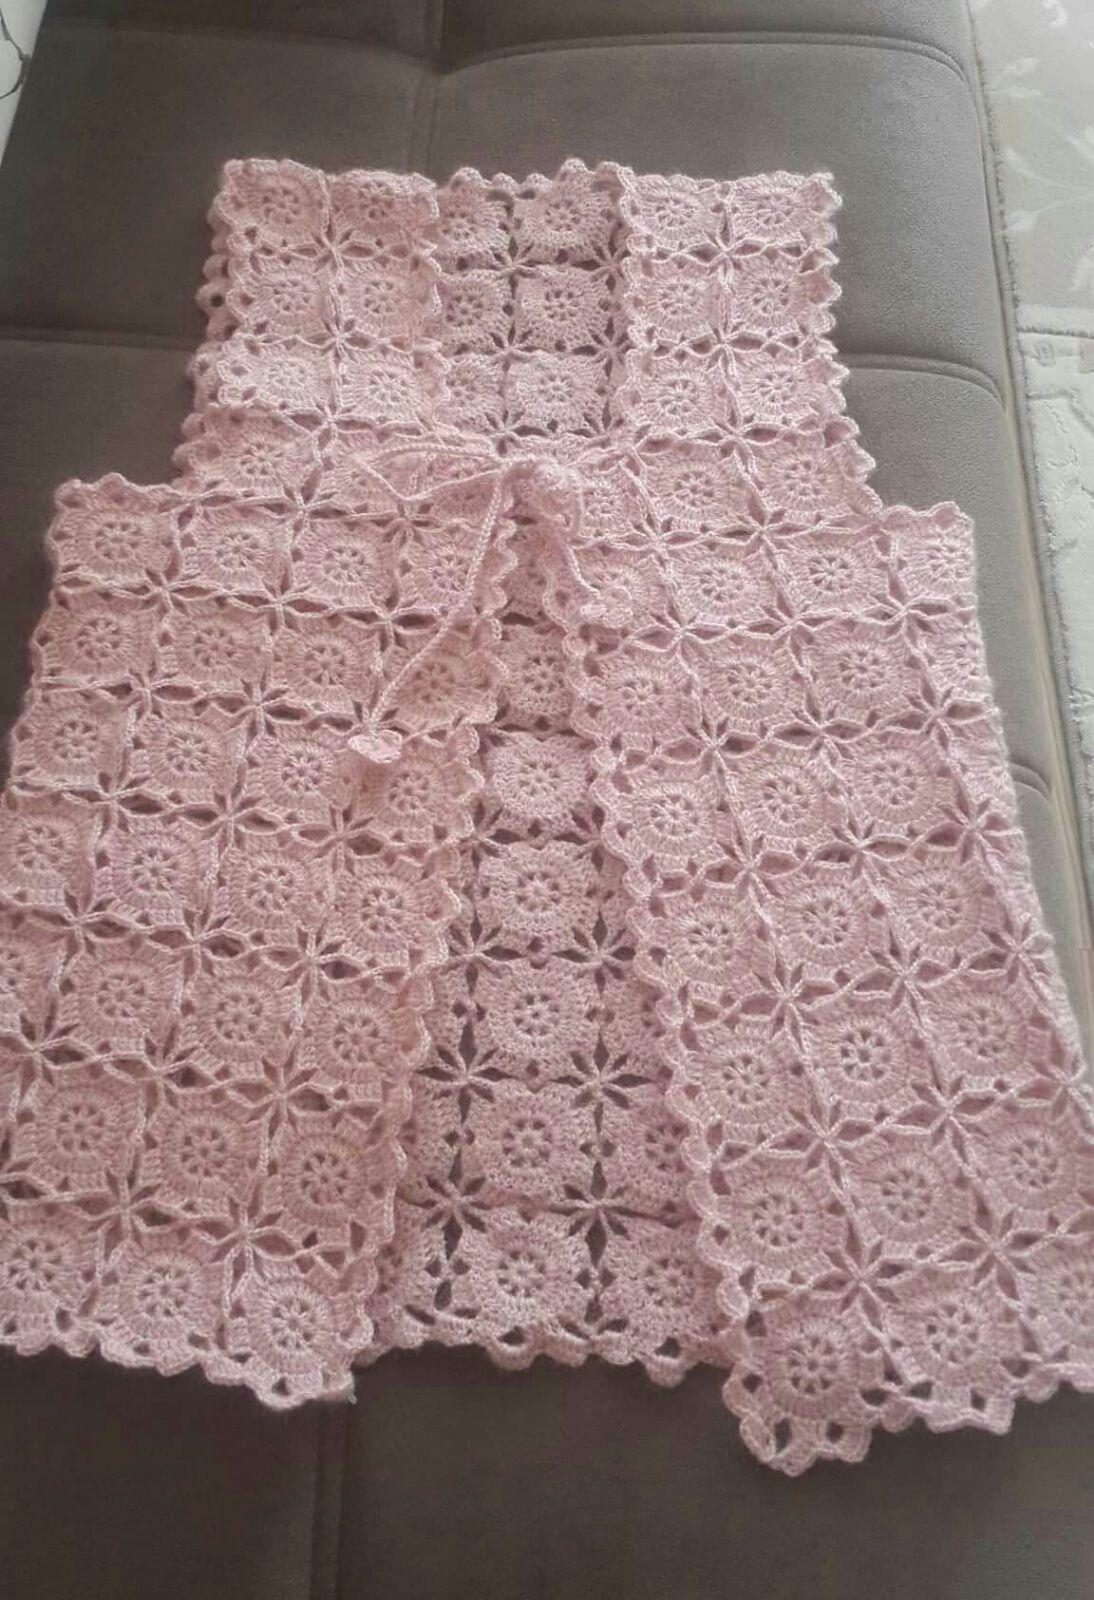 Tığ İşi Renkli Fıstıklı Çiçek Süslemeli Çeyizlik Bayan Yelek Yapımı. 38 .40 beden 53